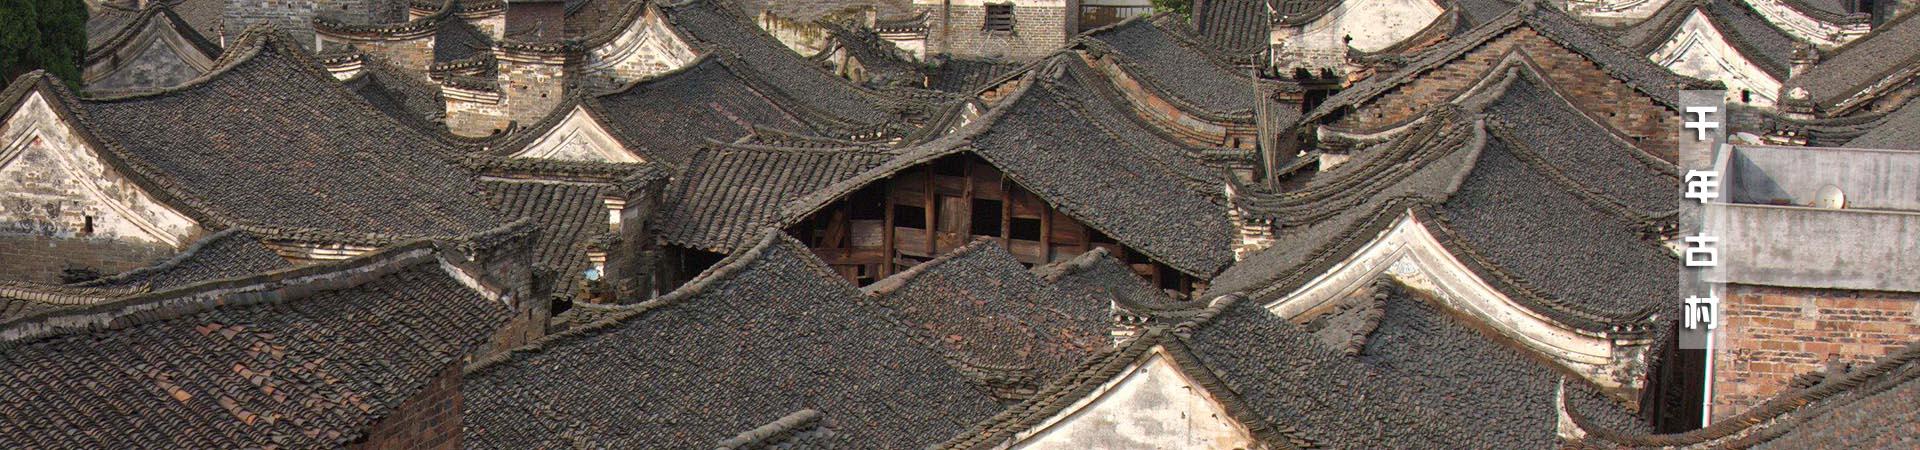 中国古建筑,千年古村不会消失